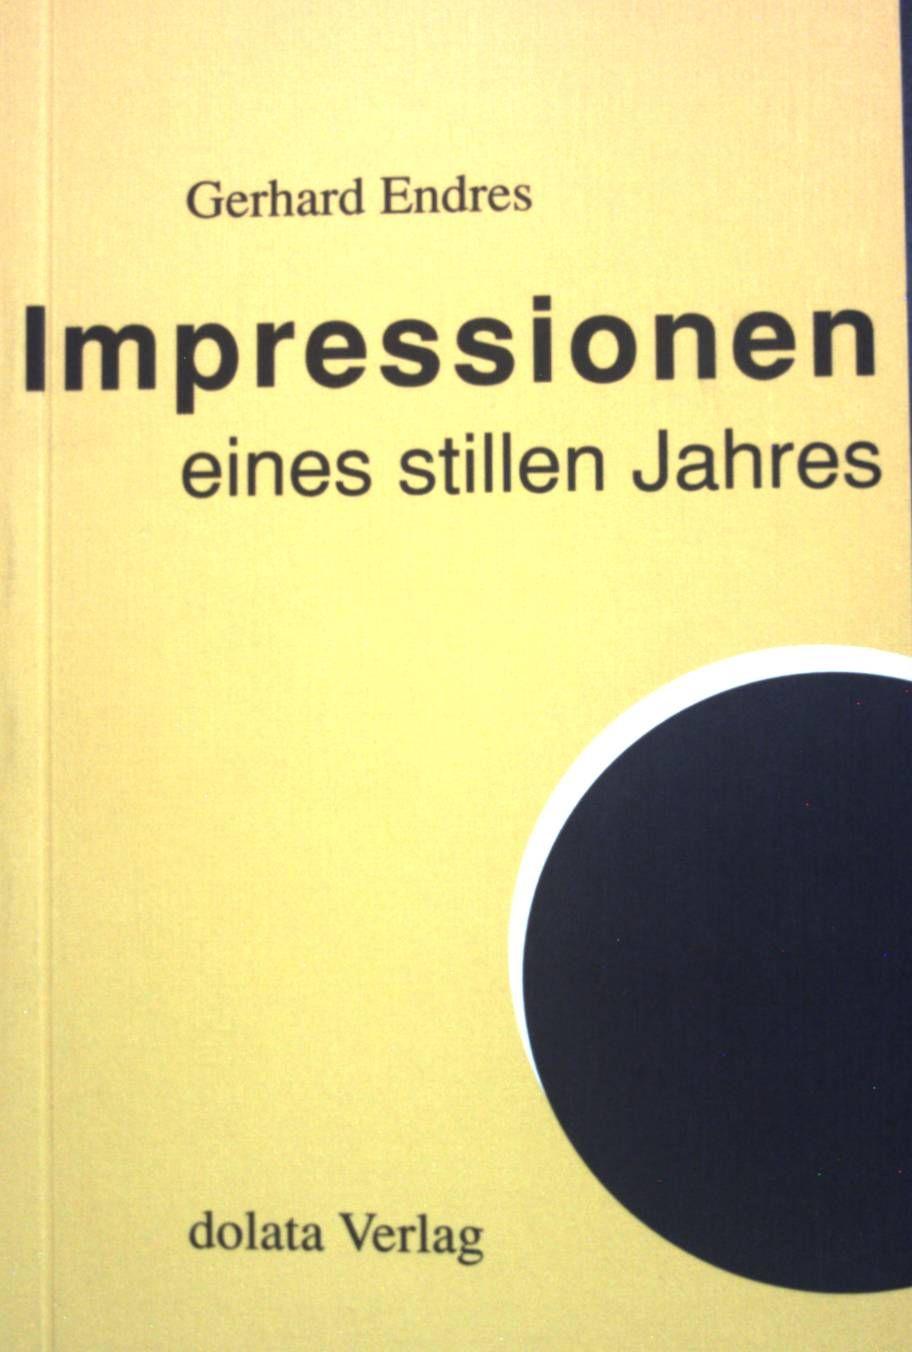 Impressionen eines stillen Jahres : Gedichte. - Endres, Gerhard